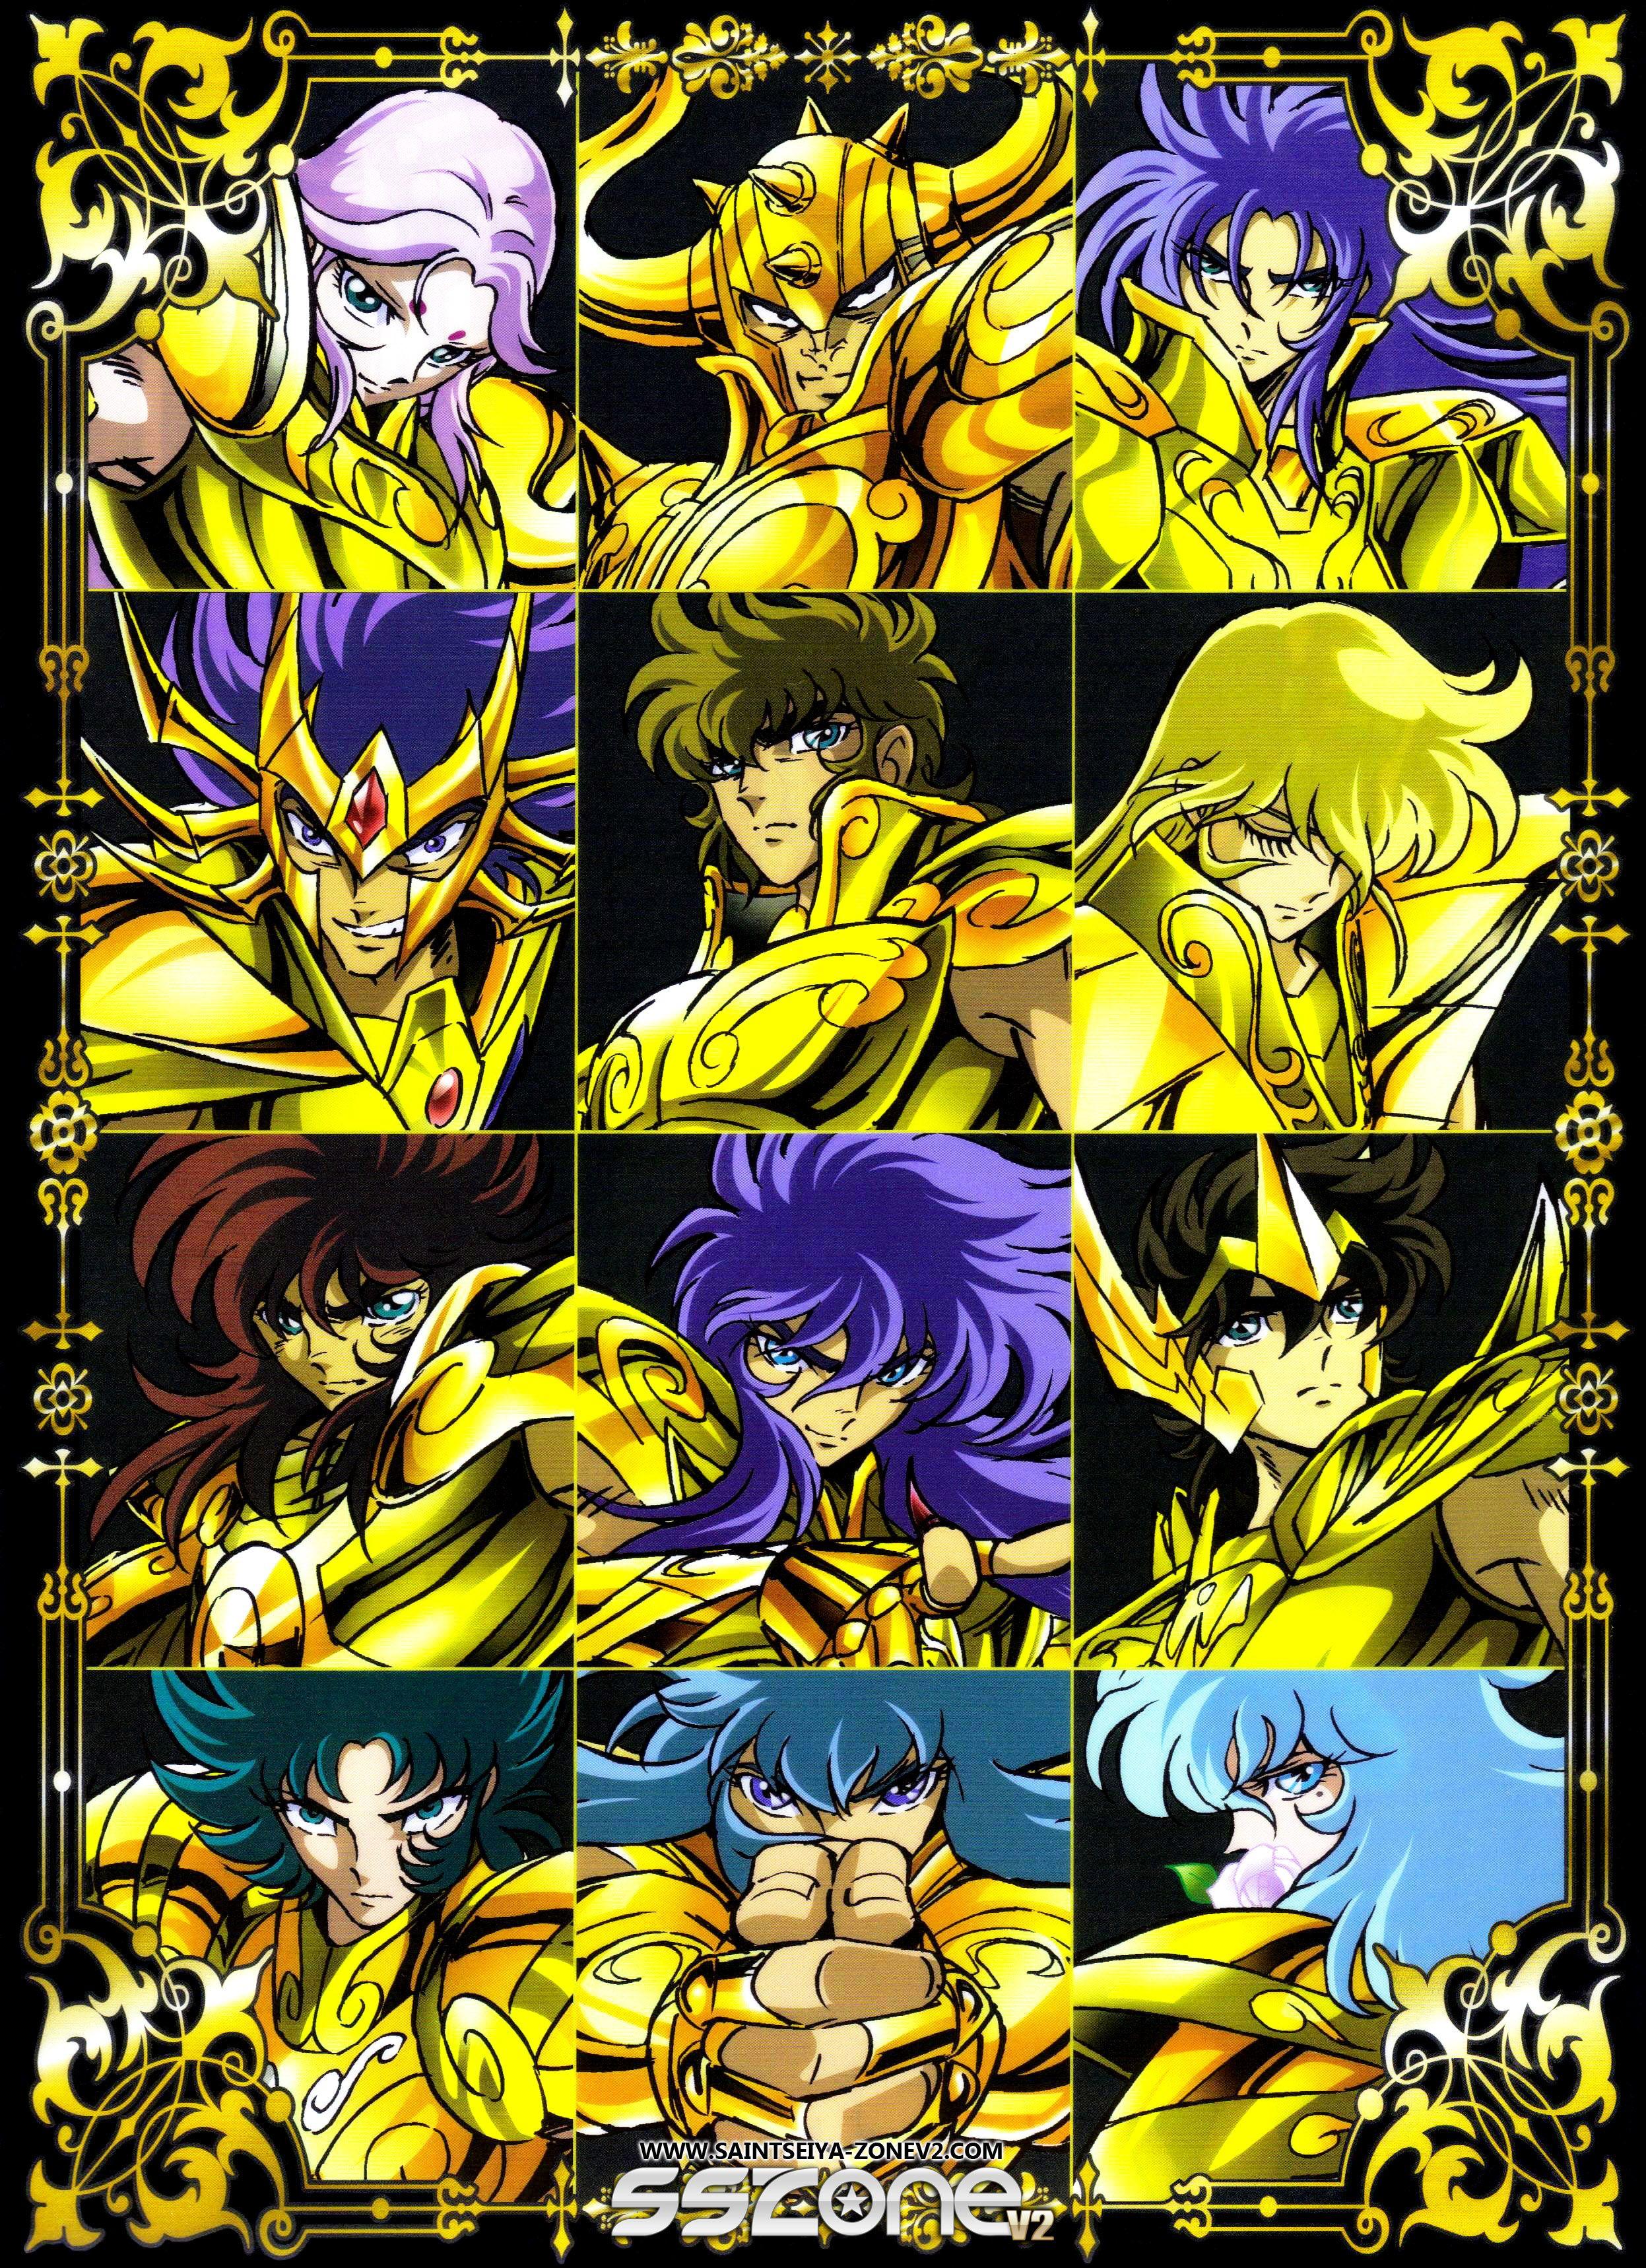 Poster Saint Seiya Japan Anime Boy Room Wall Cloth Poster Print 33